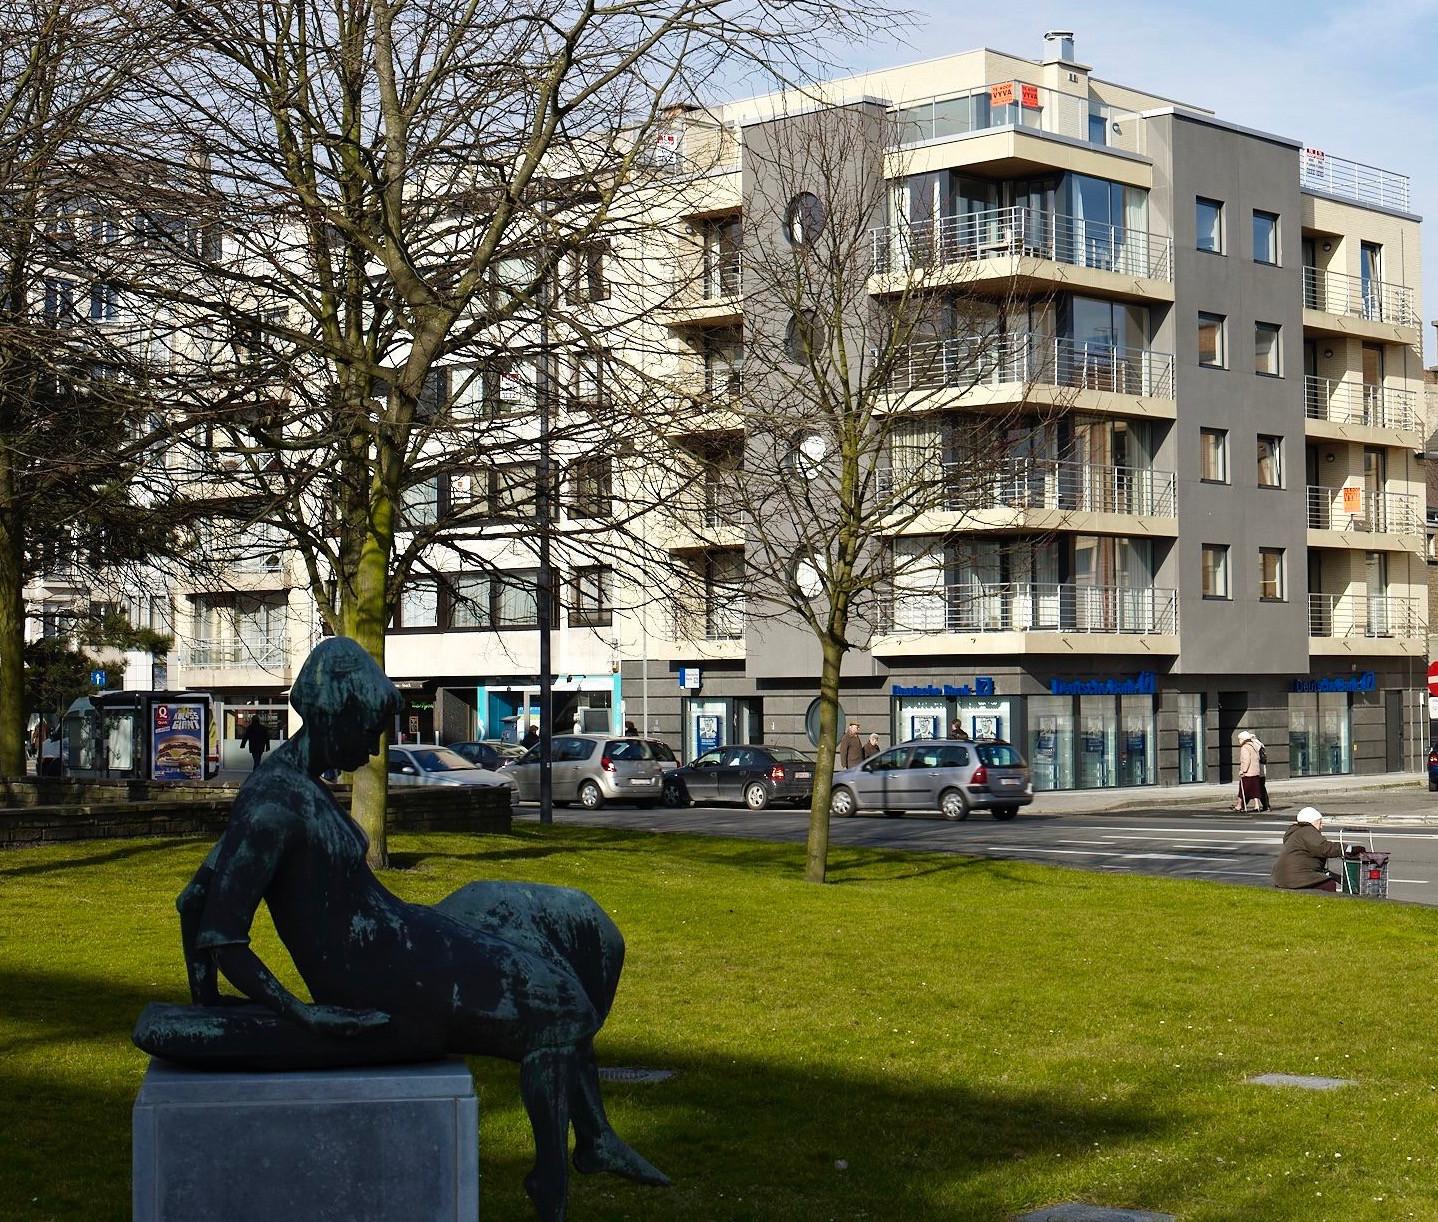 Meergezinswoning_Oostende_Claeys Architecten.jpg